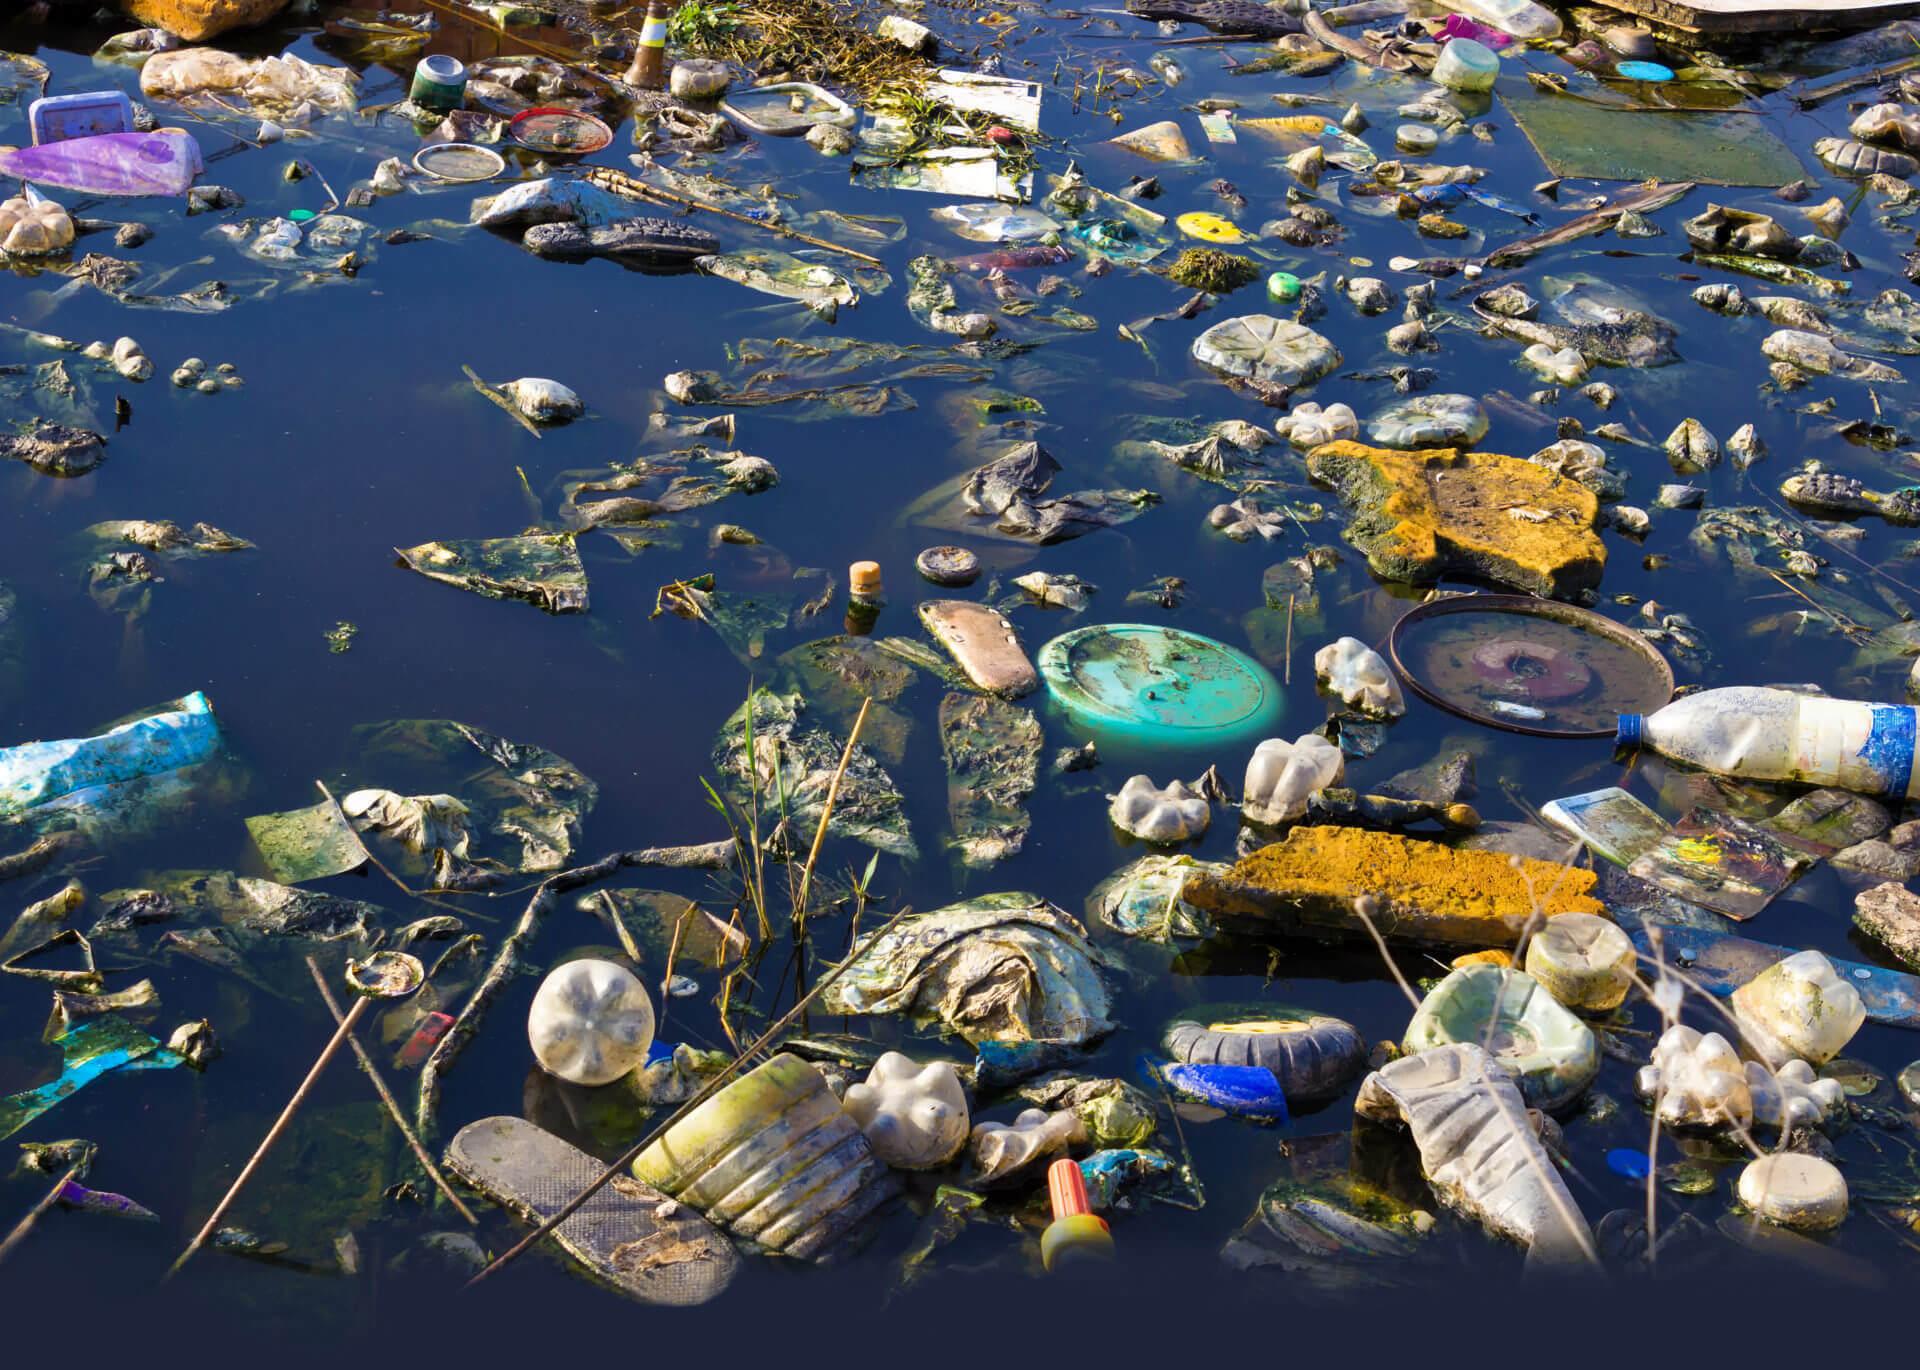 Biodiversité, un rapport consensuel de l'ONU sonne l'alarme